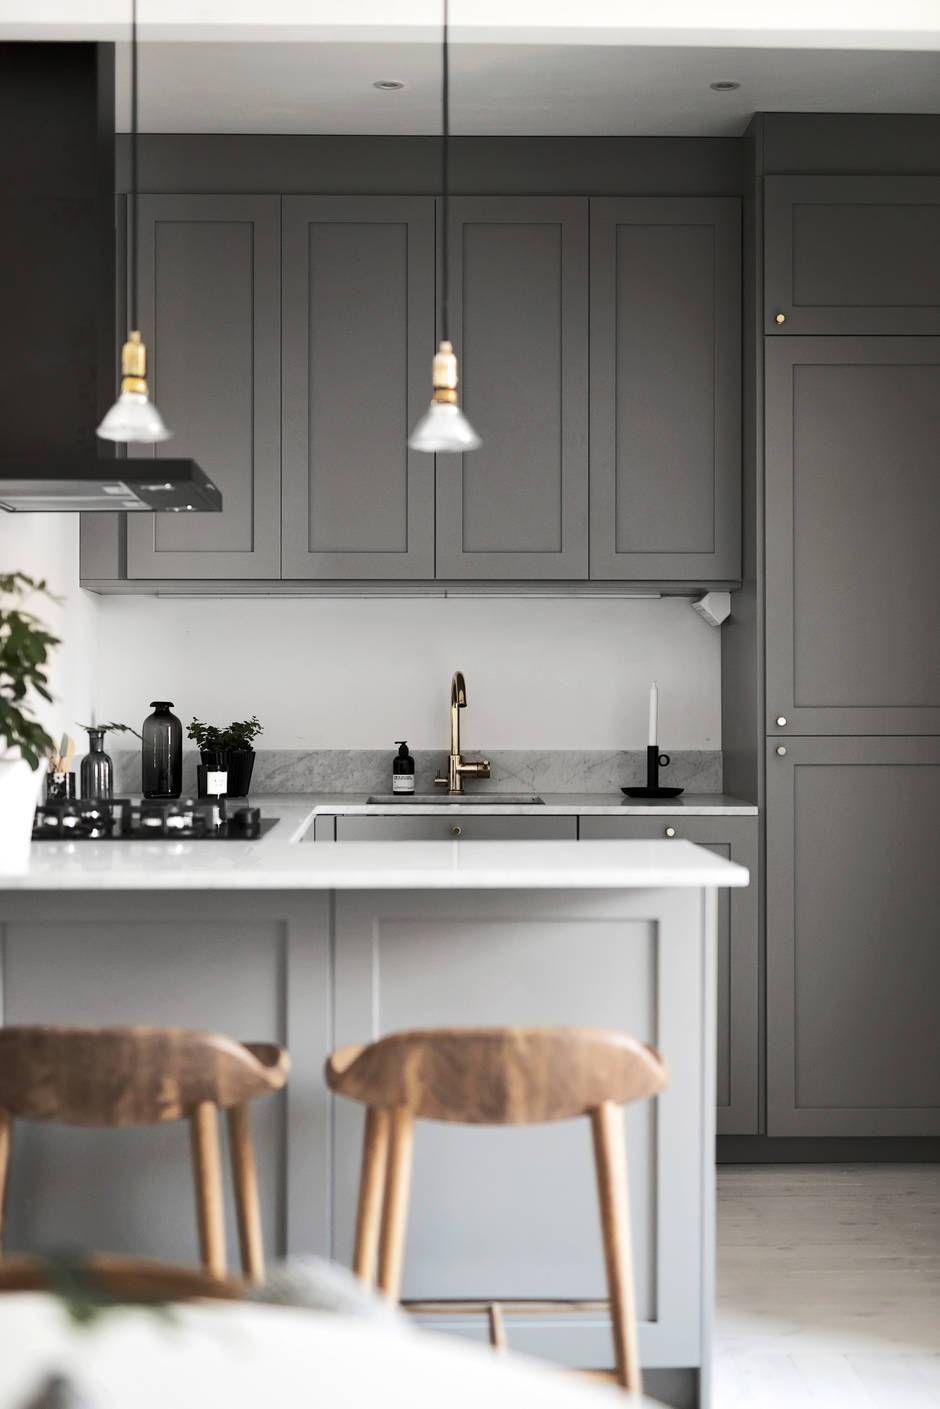 Innenarchitektur für küchenschrank pin von johanna kell auf küche  pinterest  küchen ideen haus und